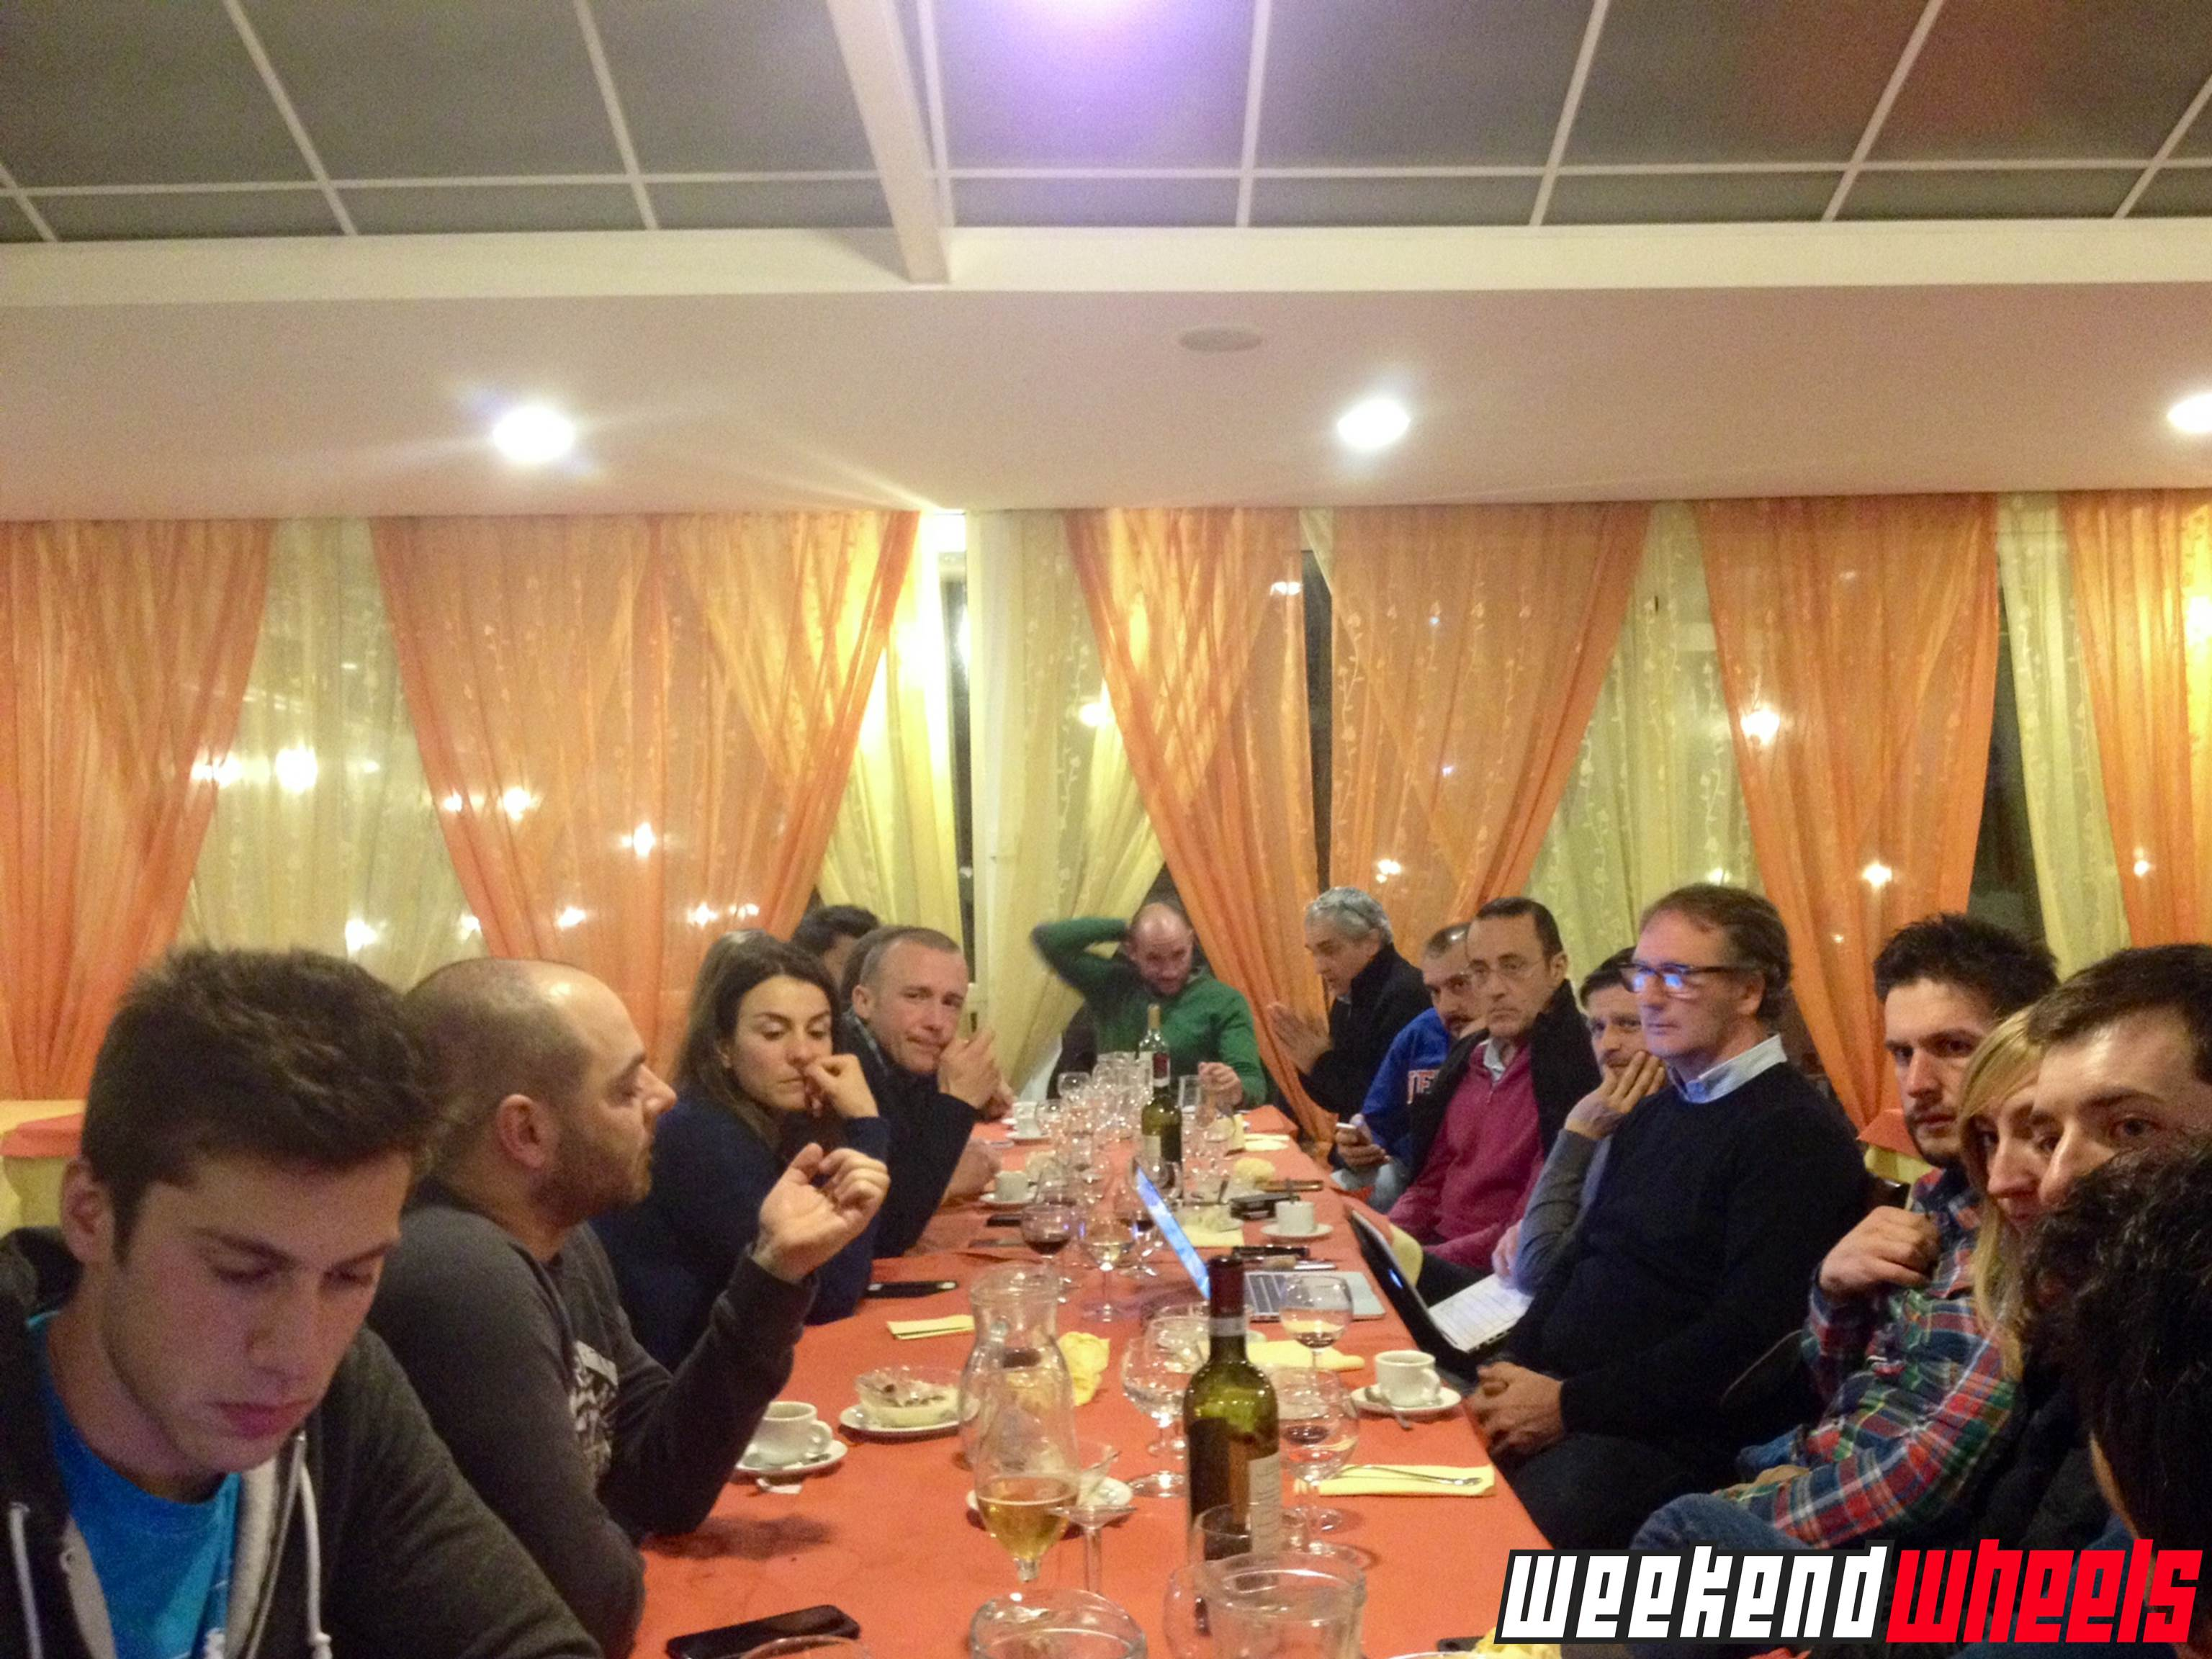 Finale Ligure riunione Coppa Italia enduro